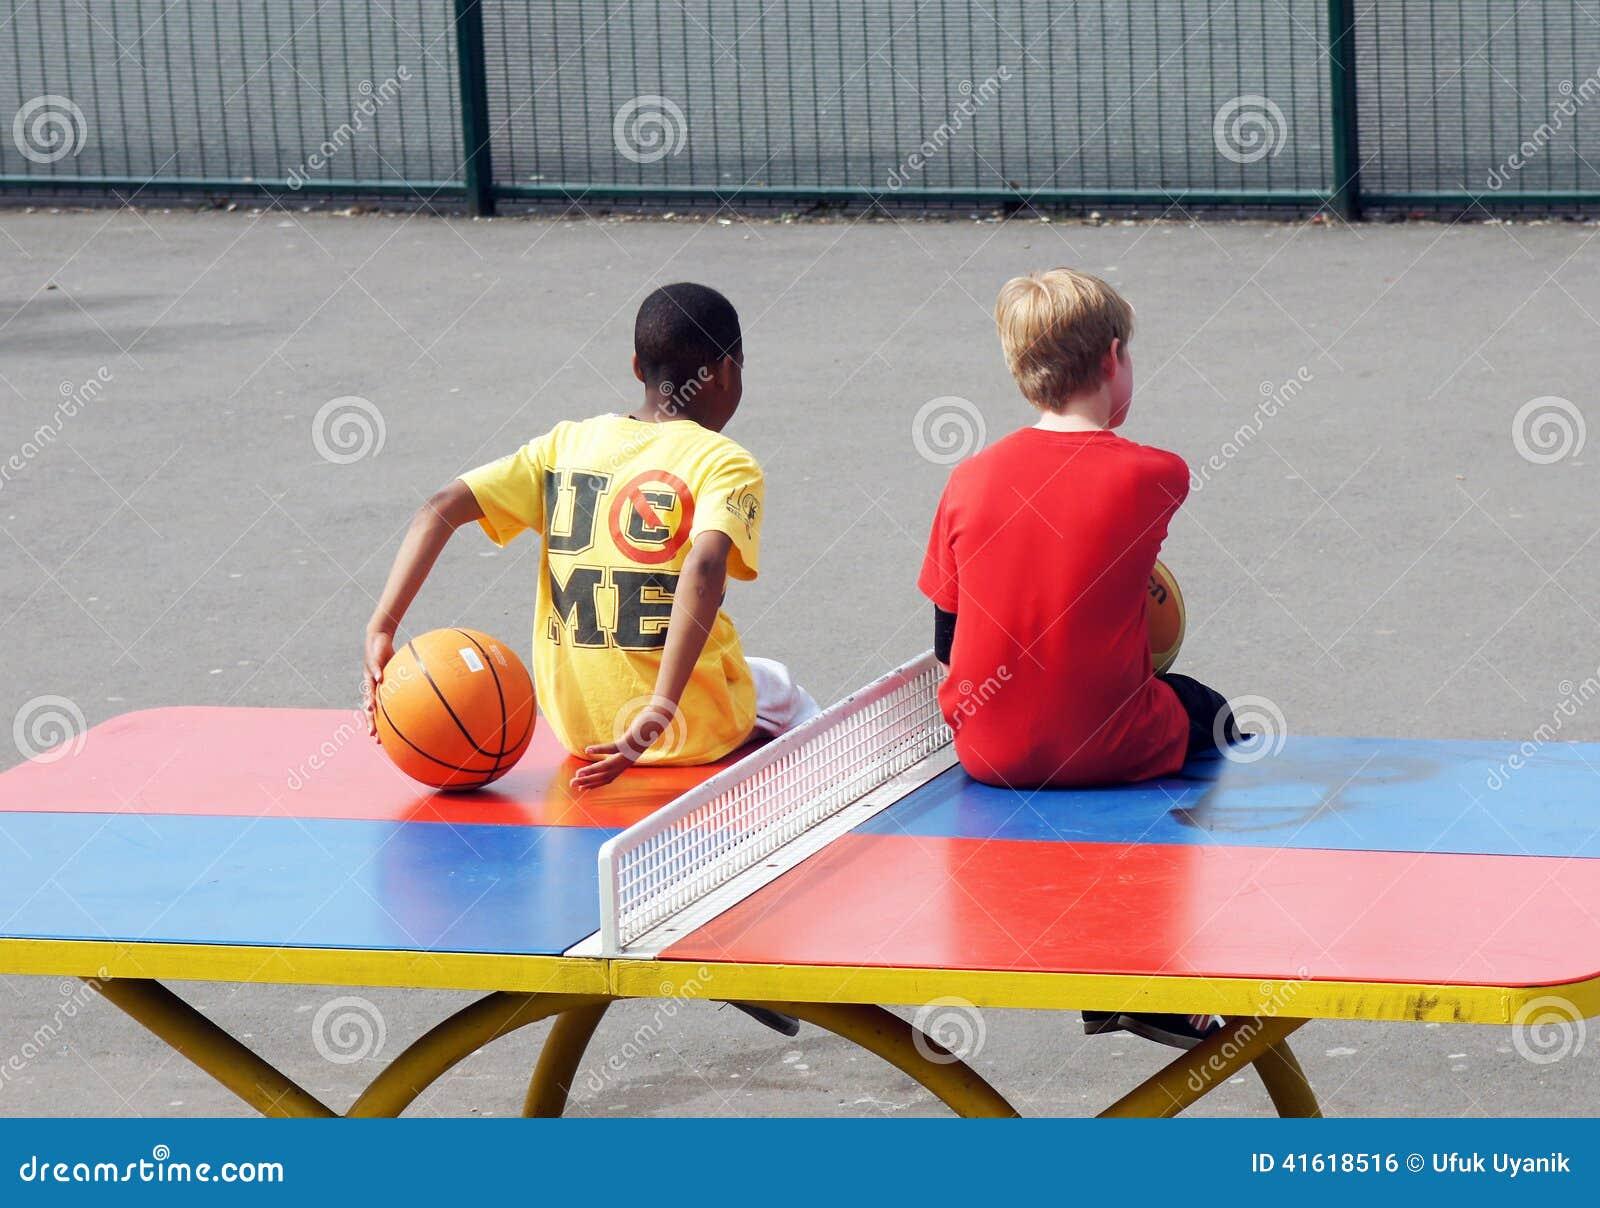 Τα νέα αγόρια κάθονται σε έναν πίνακα επιτραπέζιας αντισφαίρισης